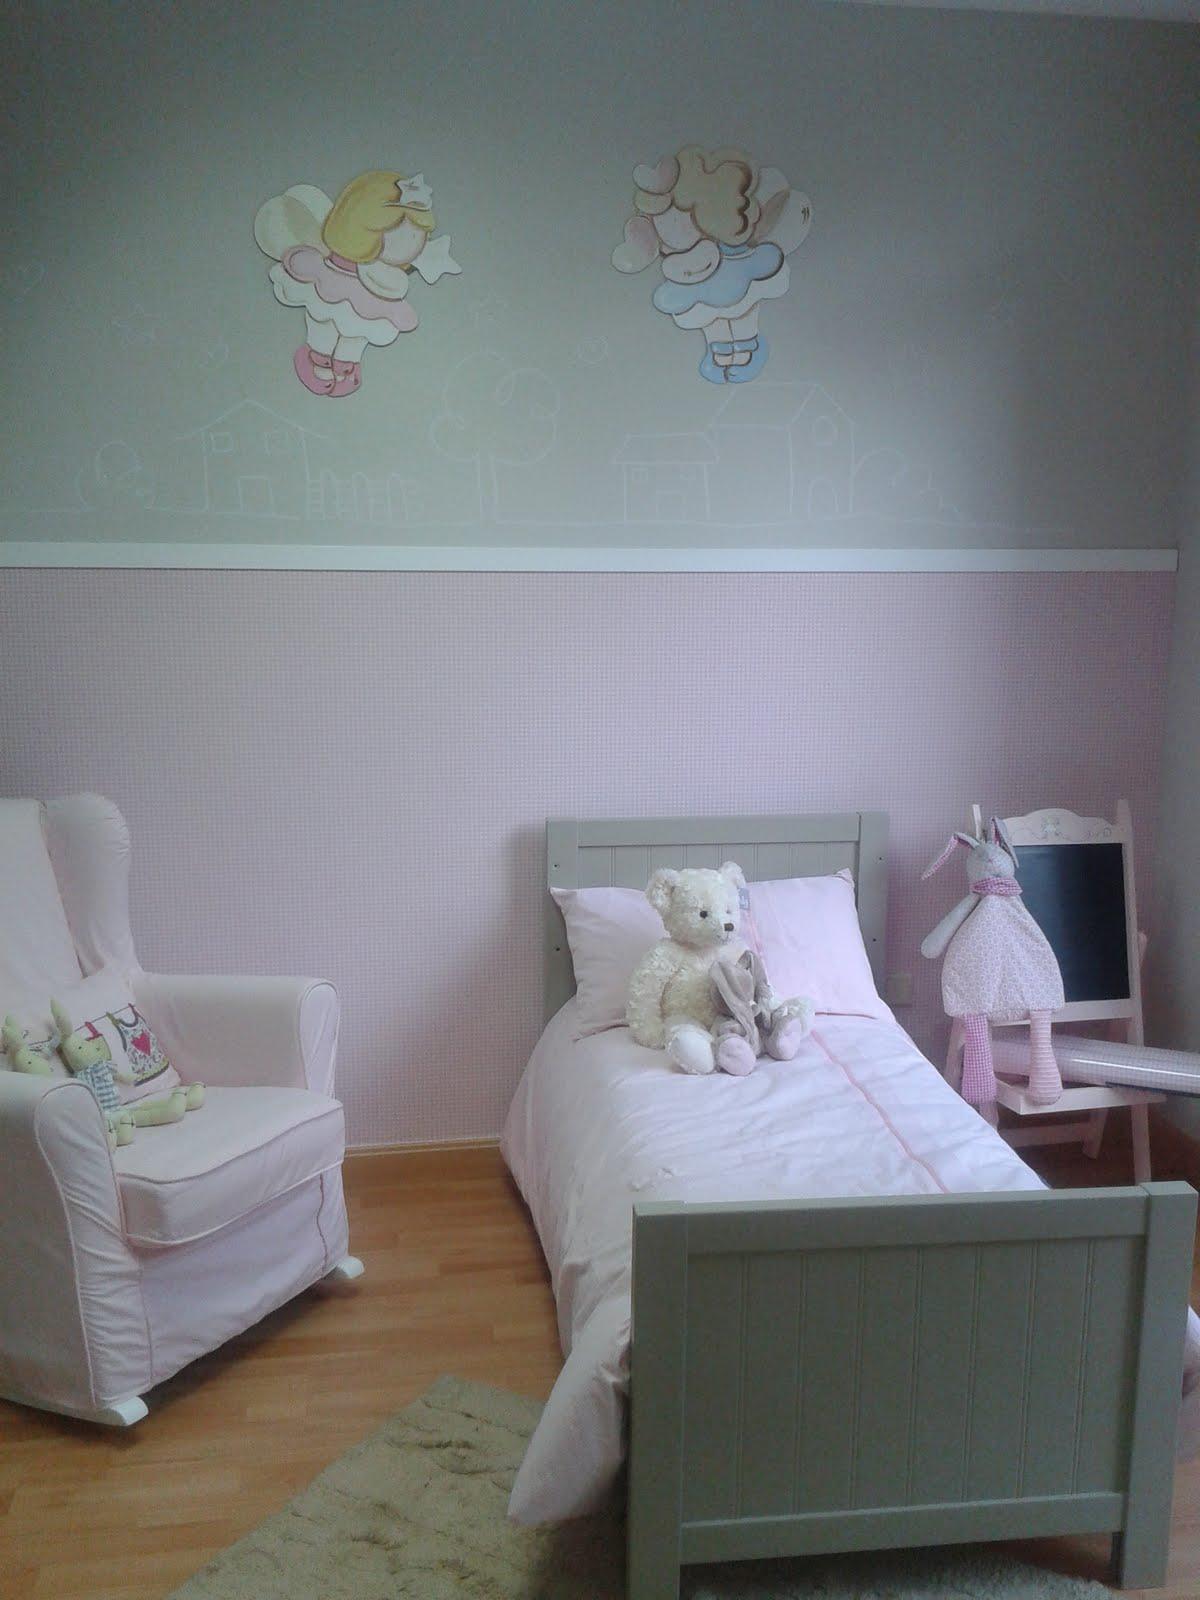 Deco chambre b b d coration pour la chambre d 39 une petite fille avec une peinture murale et des Peinture pour chambre fille